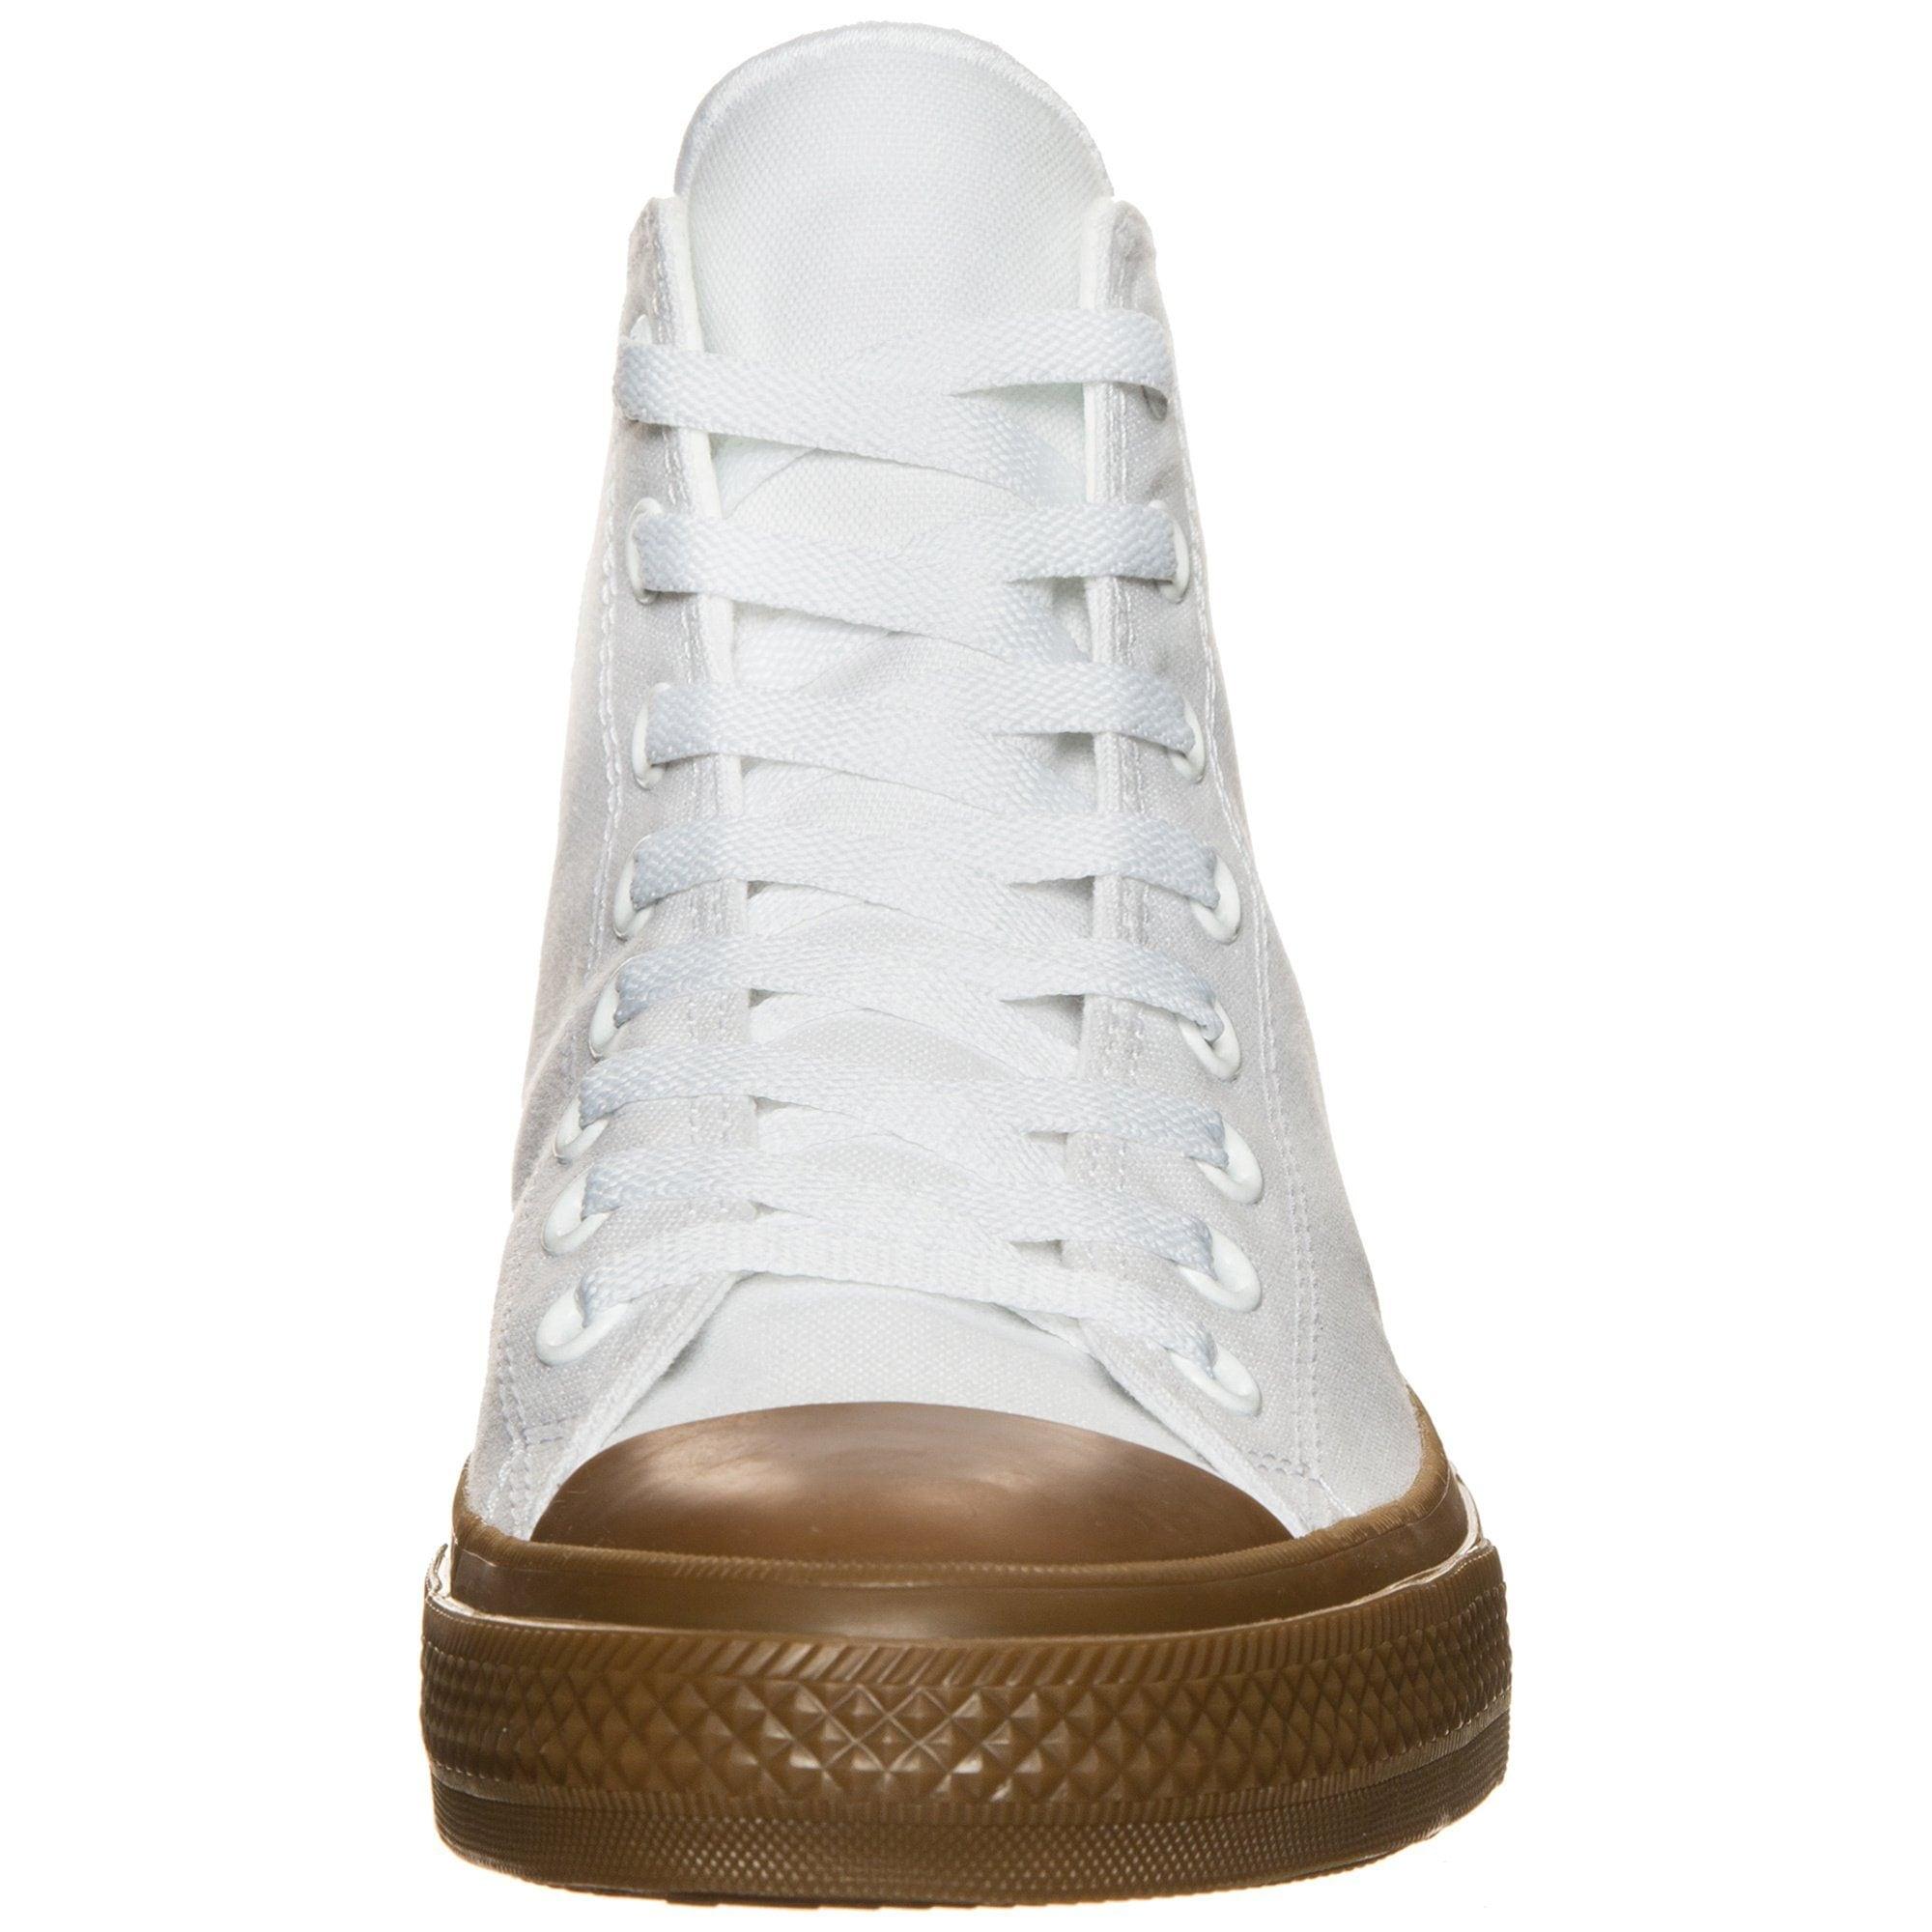 Converse Sneaker Chuck Taylor Taylor Chuck All Star Ii Gum gnstig kaufen | Gutes Preis-Leistungs-Verhältnis, es lohnt sich fed891